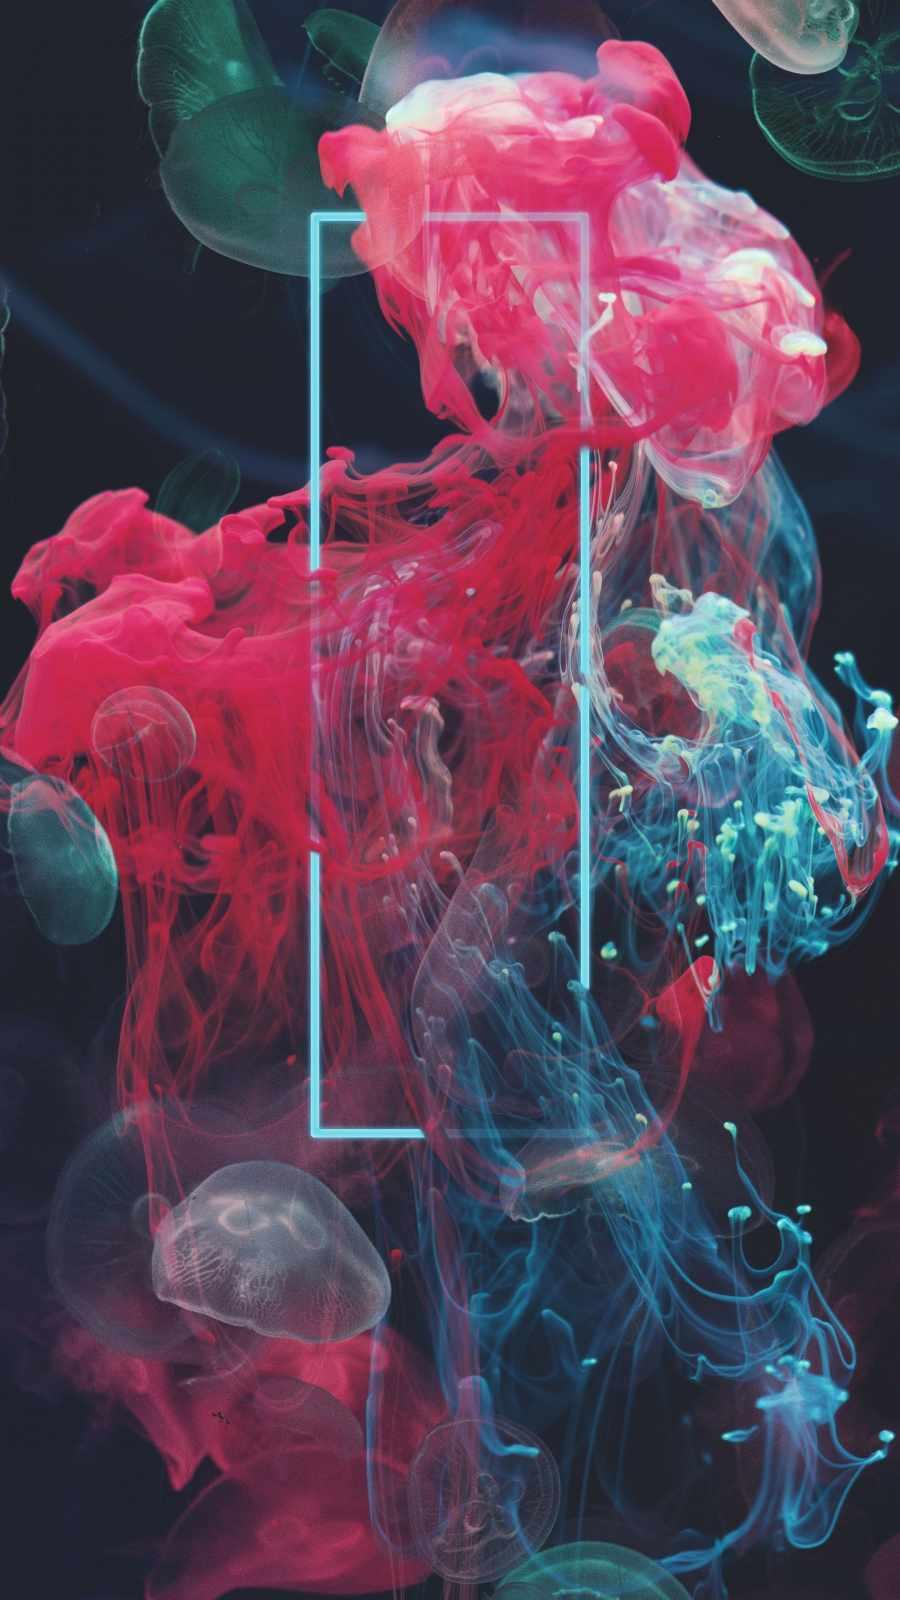 Jellyfish Neon